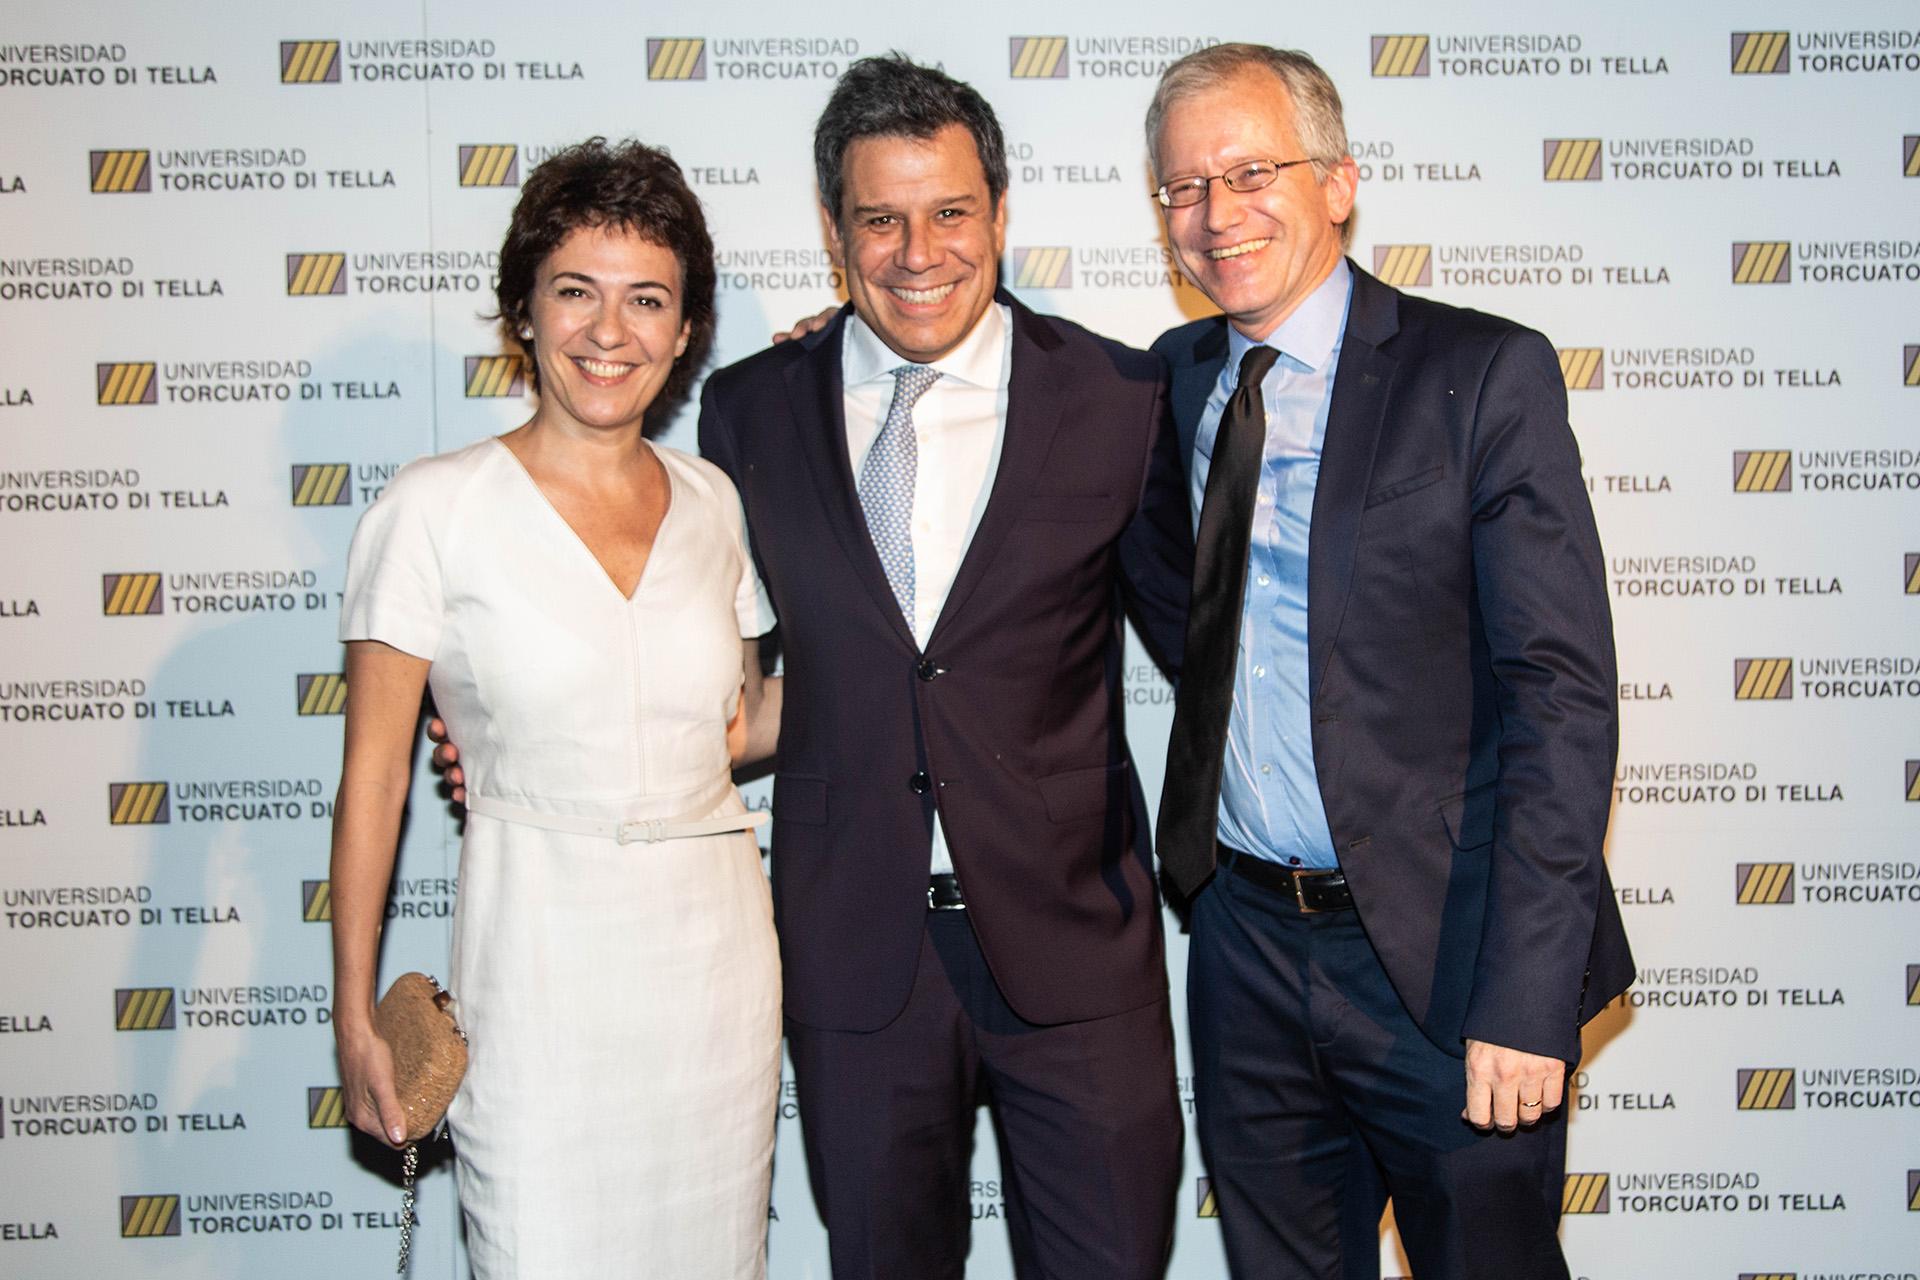 El neurólogo Facundo Manes junto a su esposa, Josefina Sicoli,participaron del evento